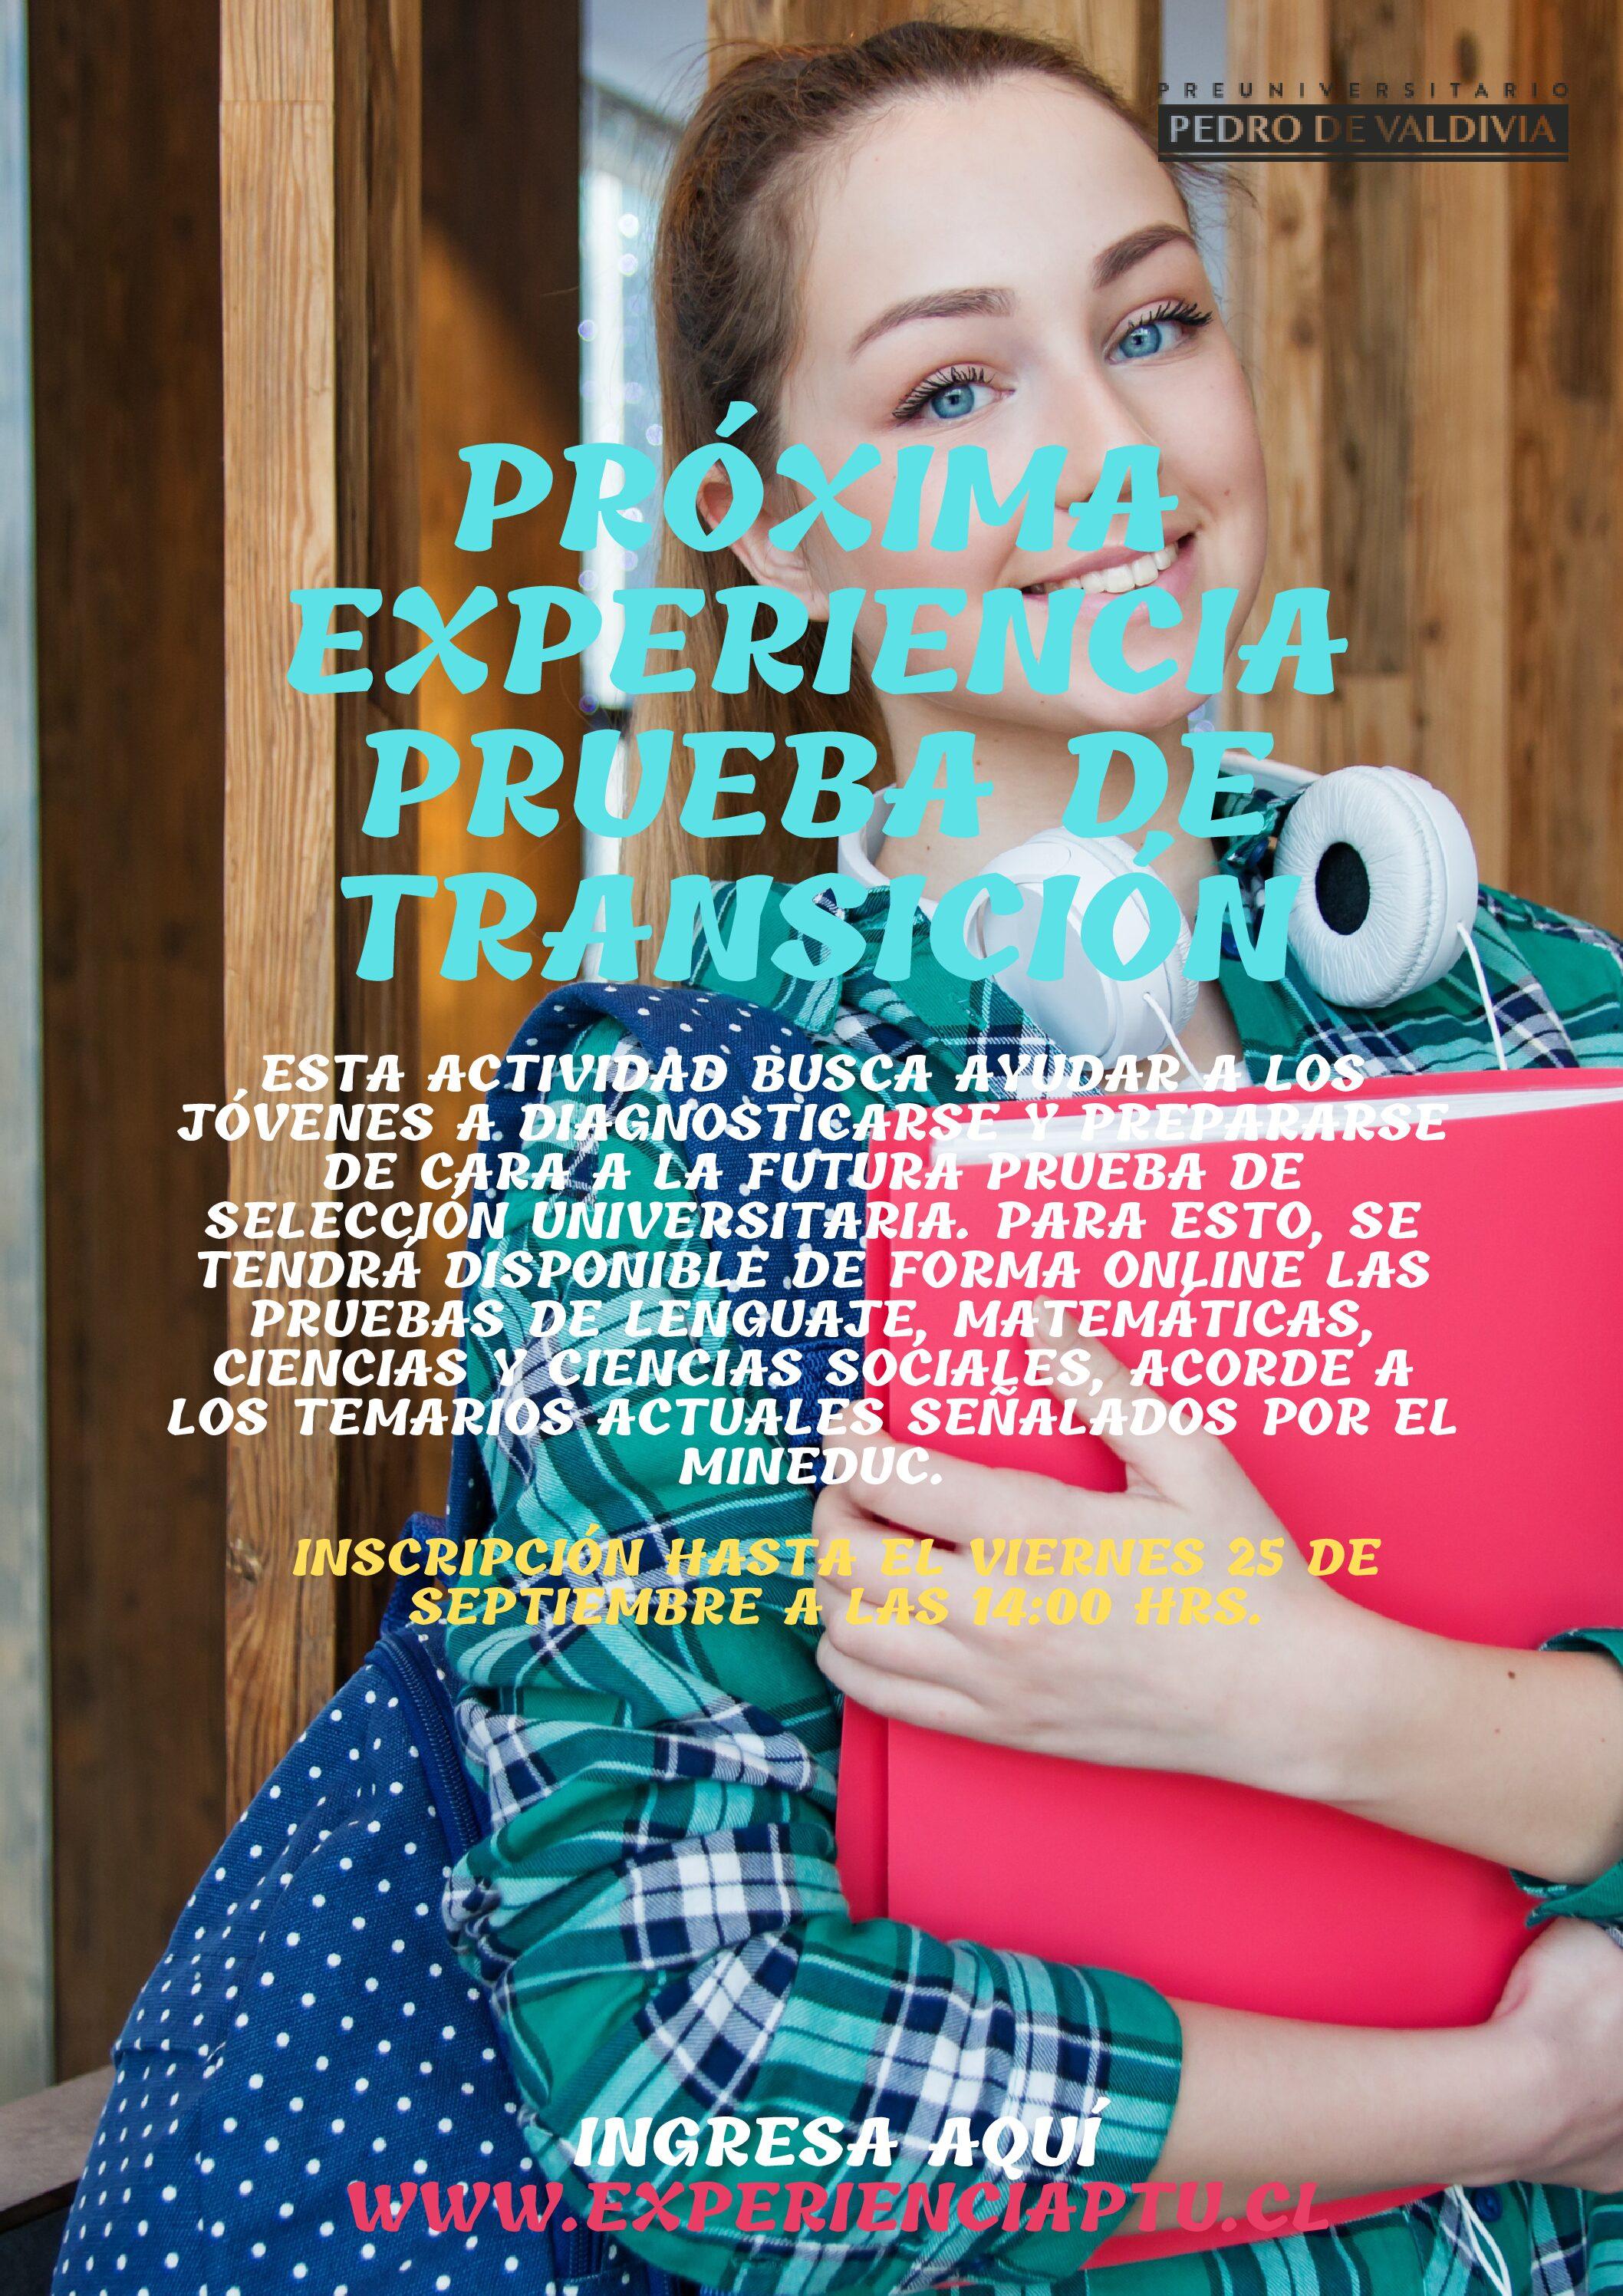 PDV - Experiencia Prueba de Transición